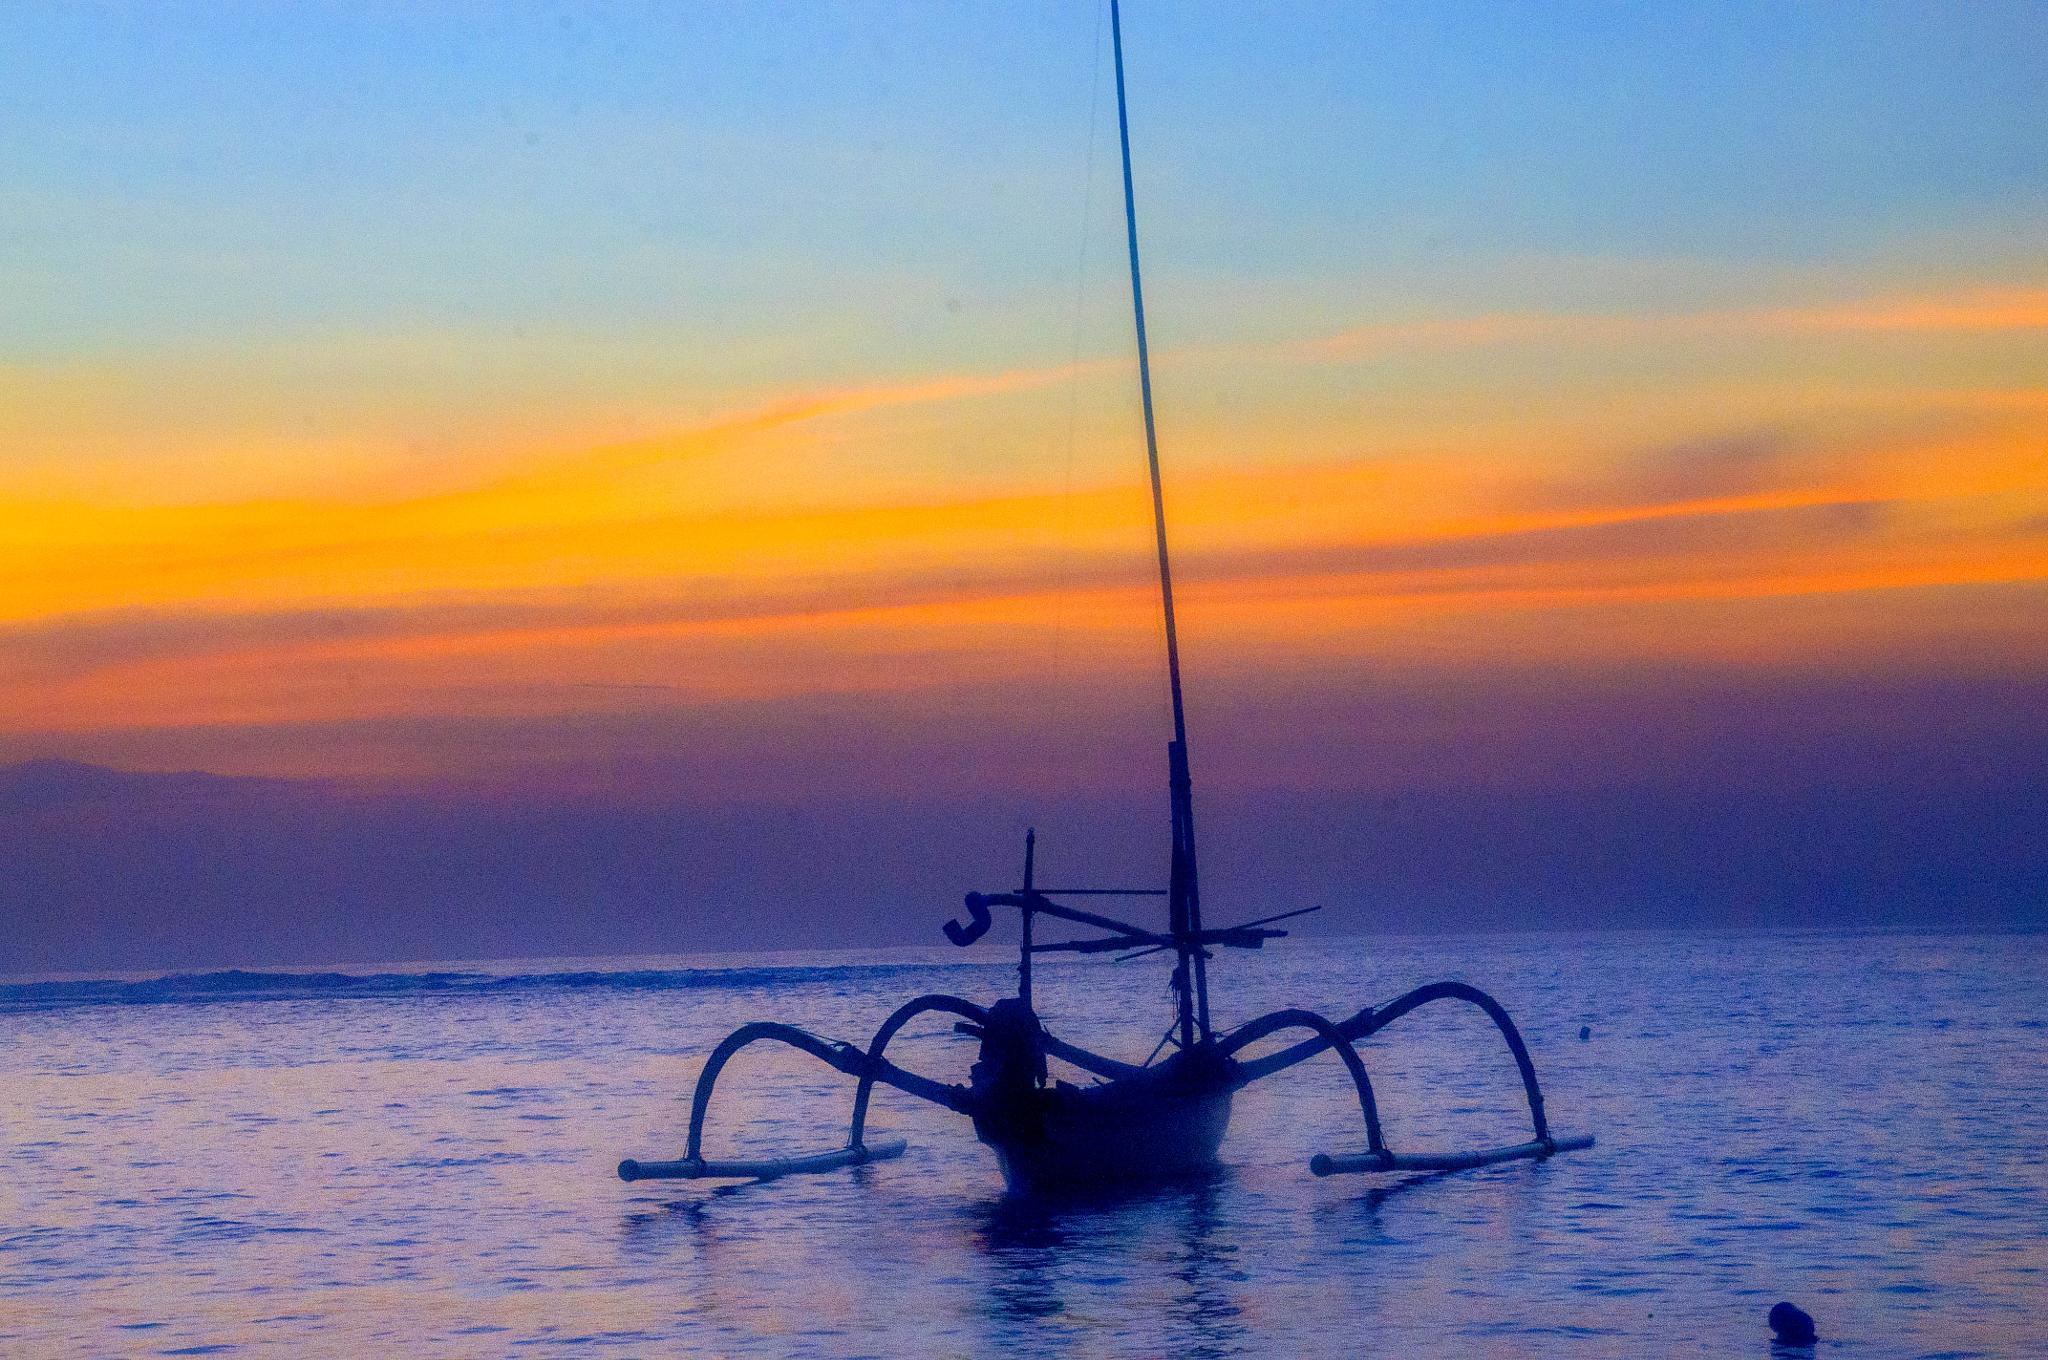 sunrise on Nusa Dua Bali by nurdinrivai